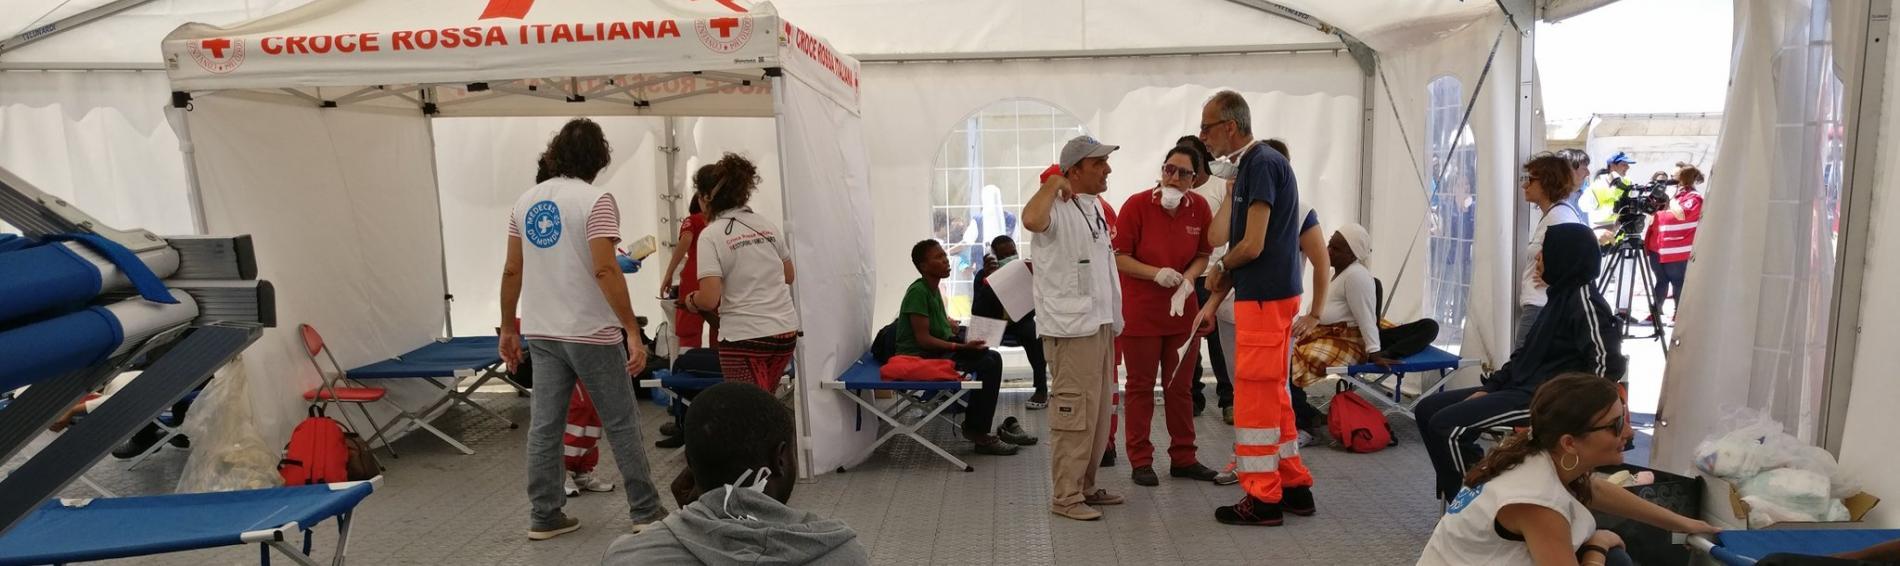 Ärzte der Welt unterstützt italienische Behörden in Kalabrien bei der medizinischen Versorgung von Bootsflüchtlingen. Foto: Ärzte der Welt